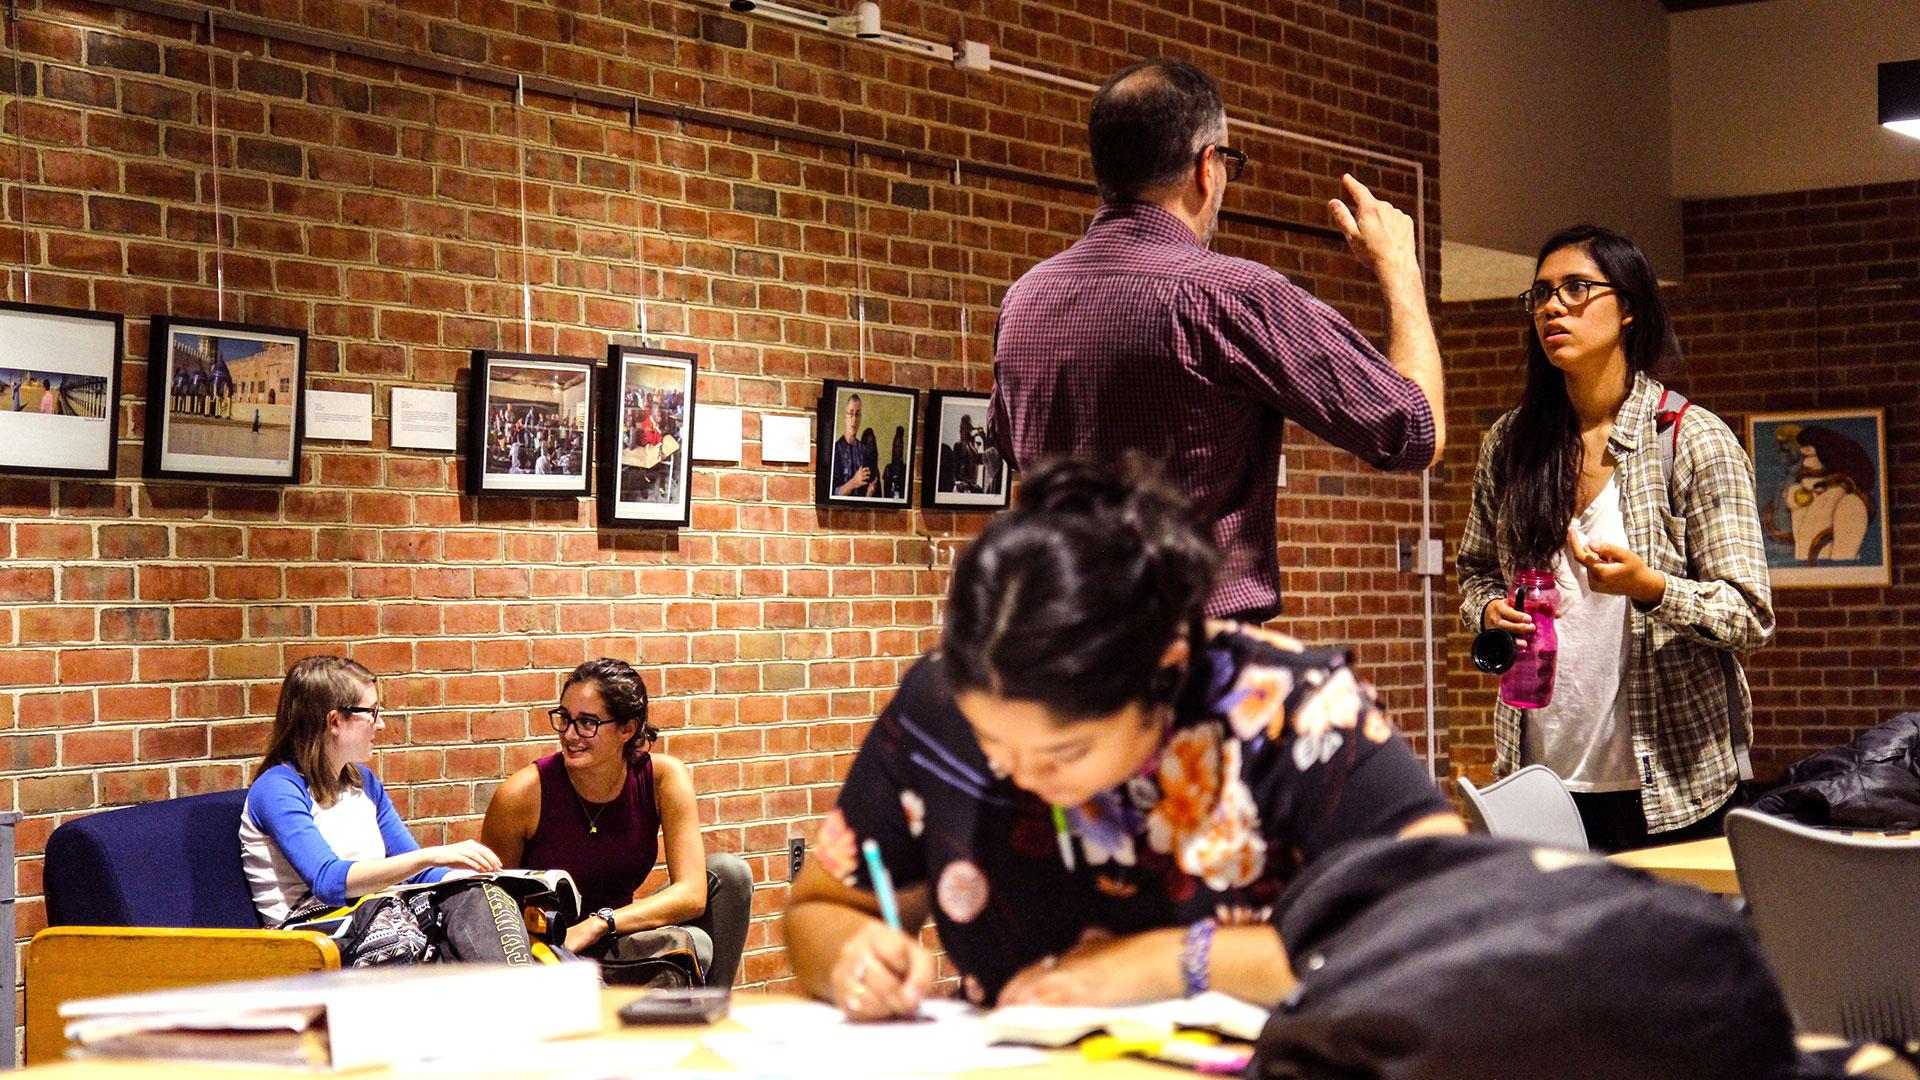 SMCM students study in Montgomery Hall second floor common area.